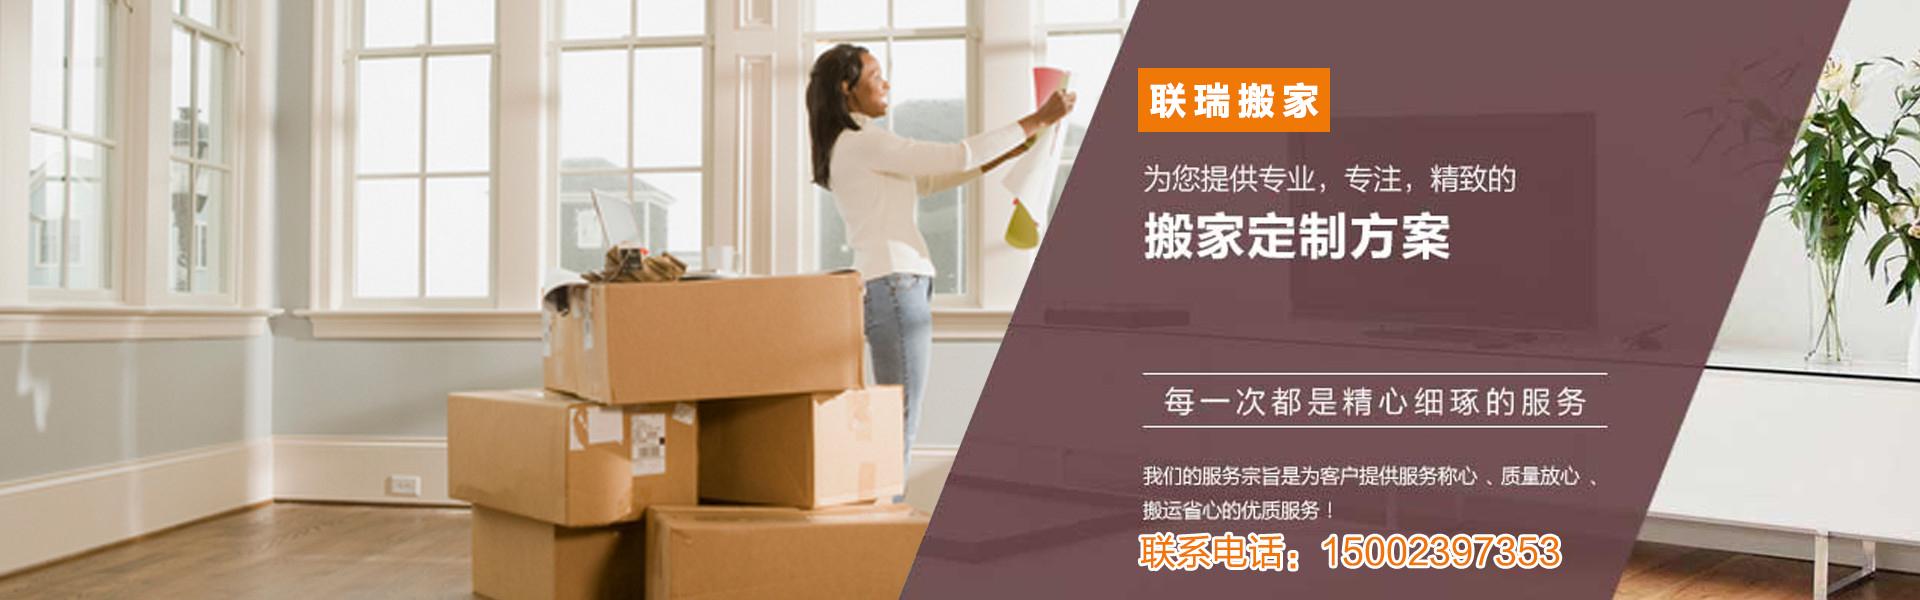 联瑞搬家,您身边最高效最便捷的重庆搬家公司